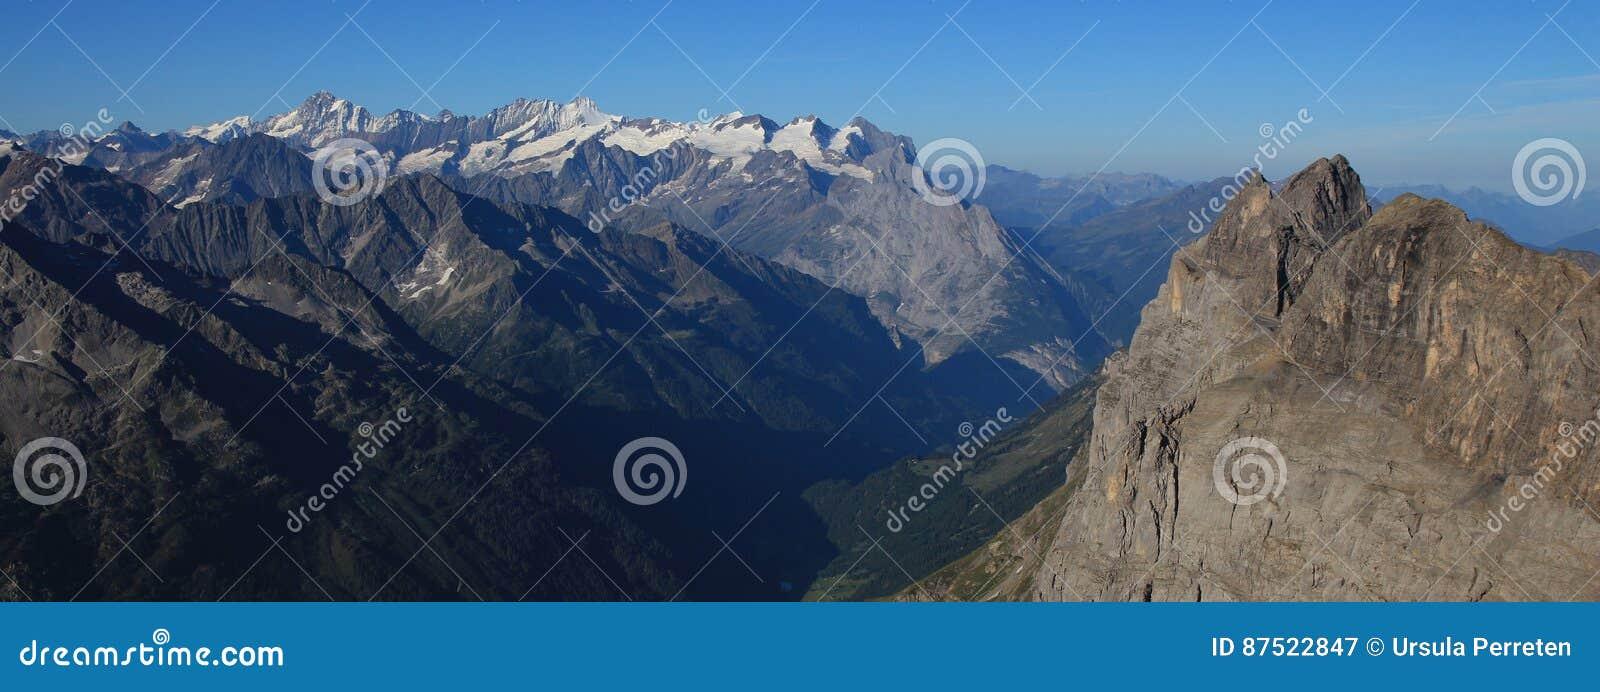 View from mount Titlis towards Innertkirchen